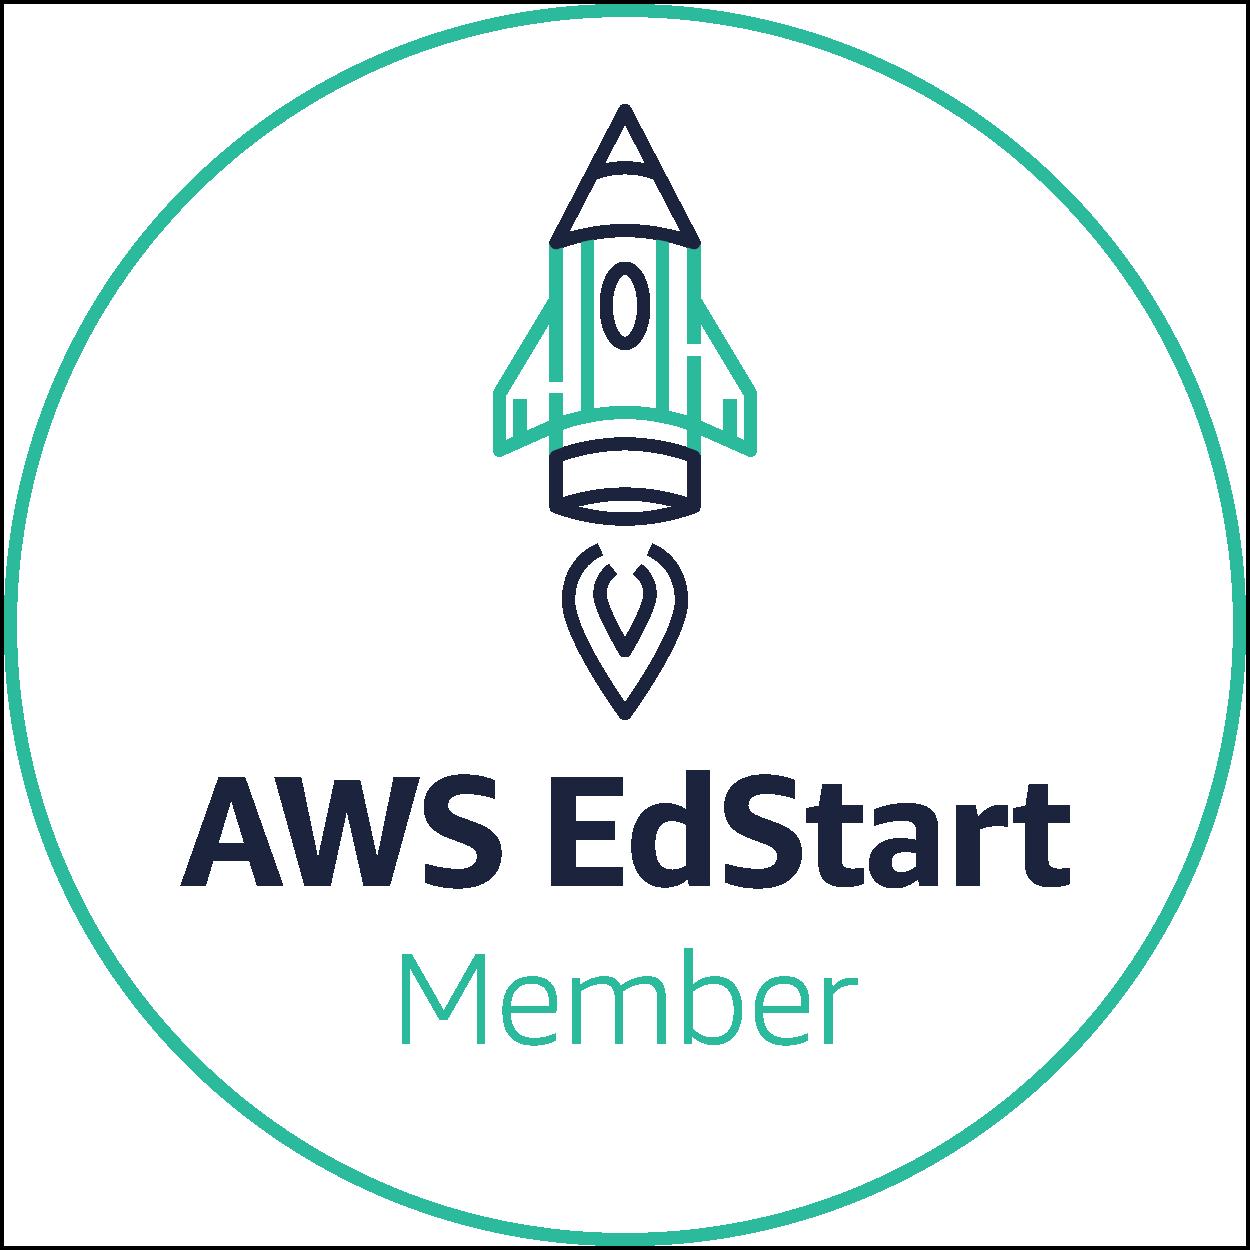 AWS-Edstart Member